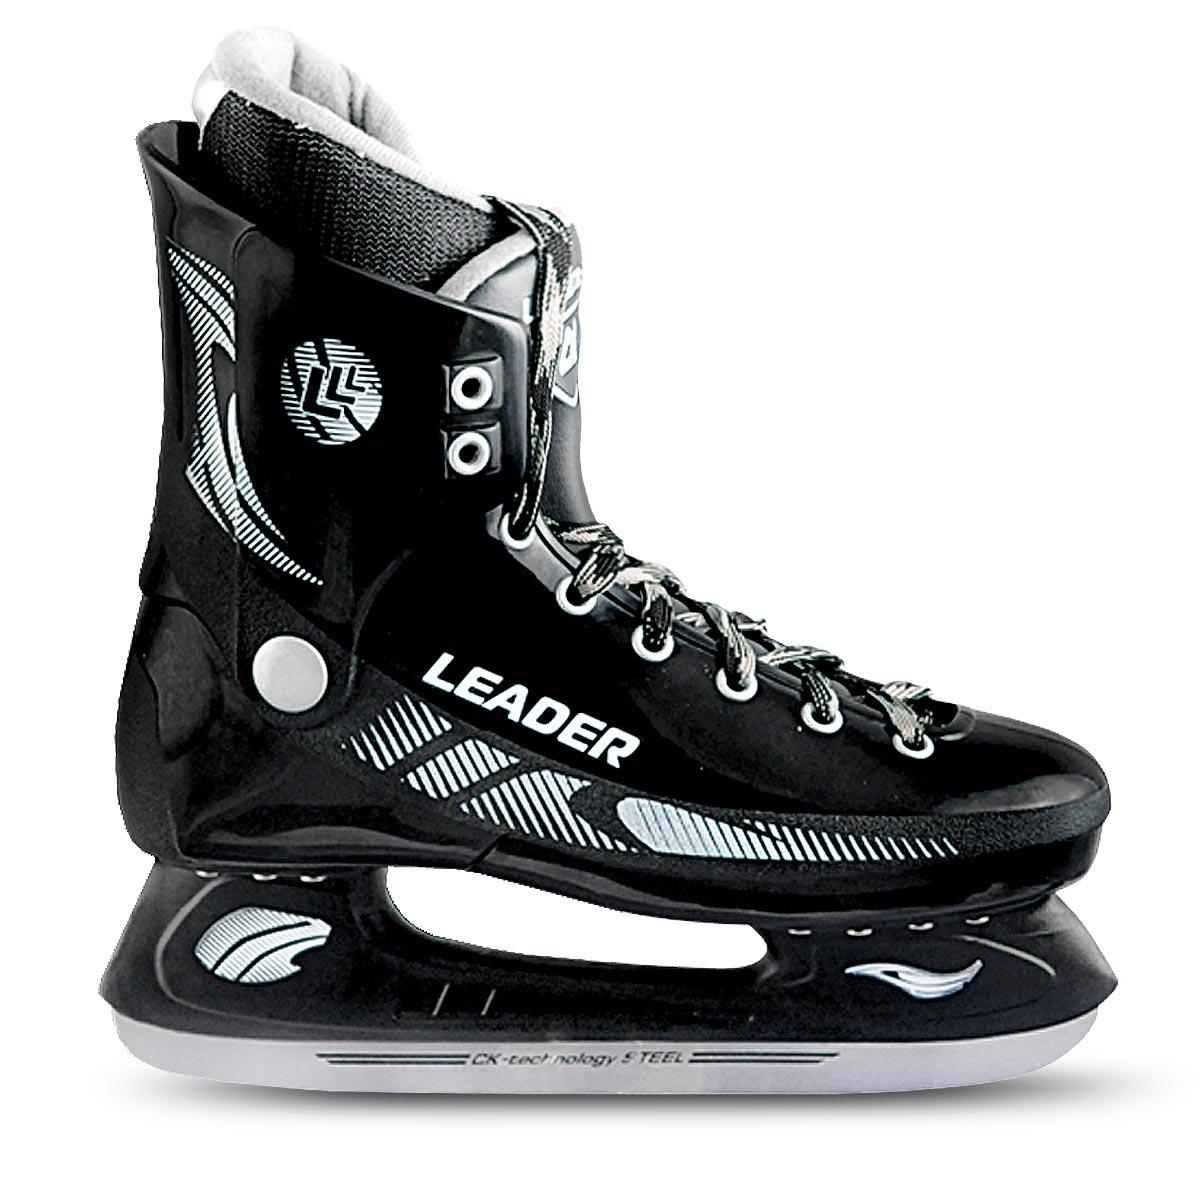 Коньки хоккейные мужские CK Leader, цвет: черный. Размер 42 СК